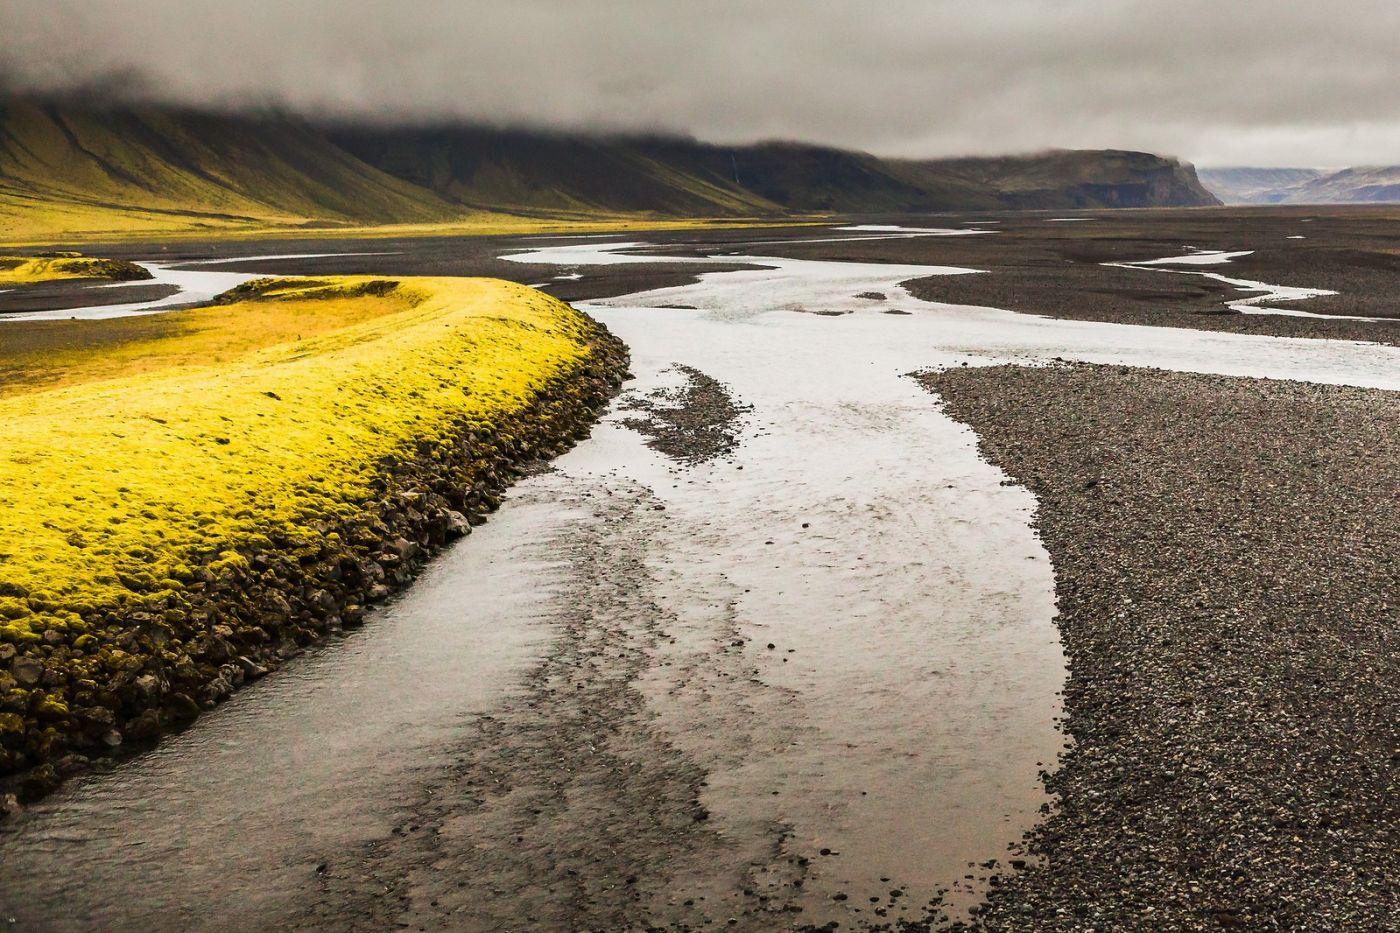 冰岛风采,那一片水景_图1-2